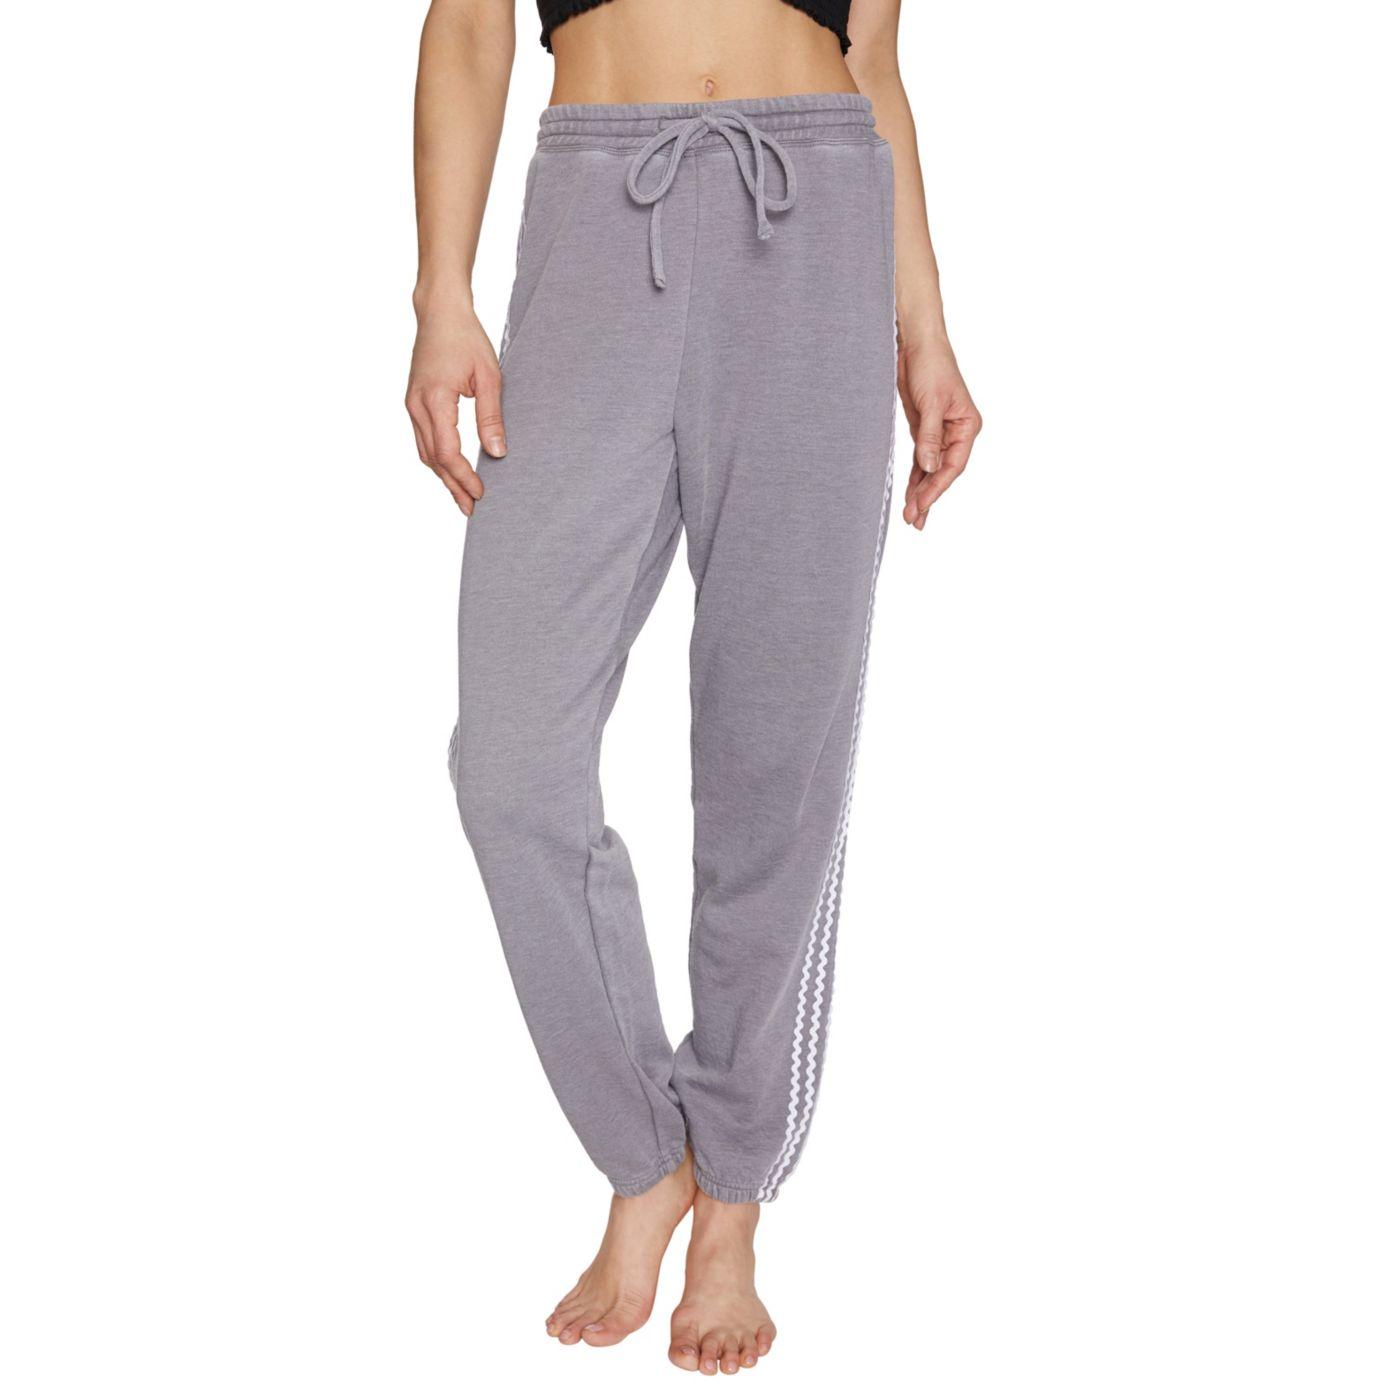 Betsey Johnson Women's Zig Zag Stripe Sweatpants